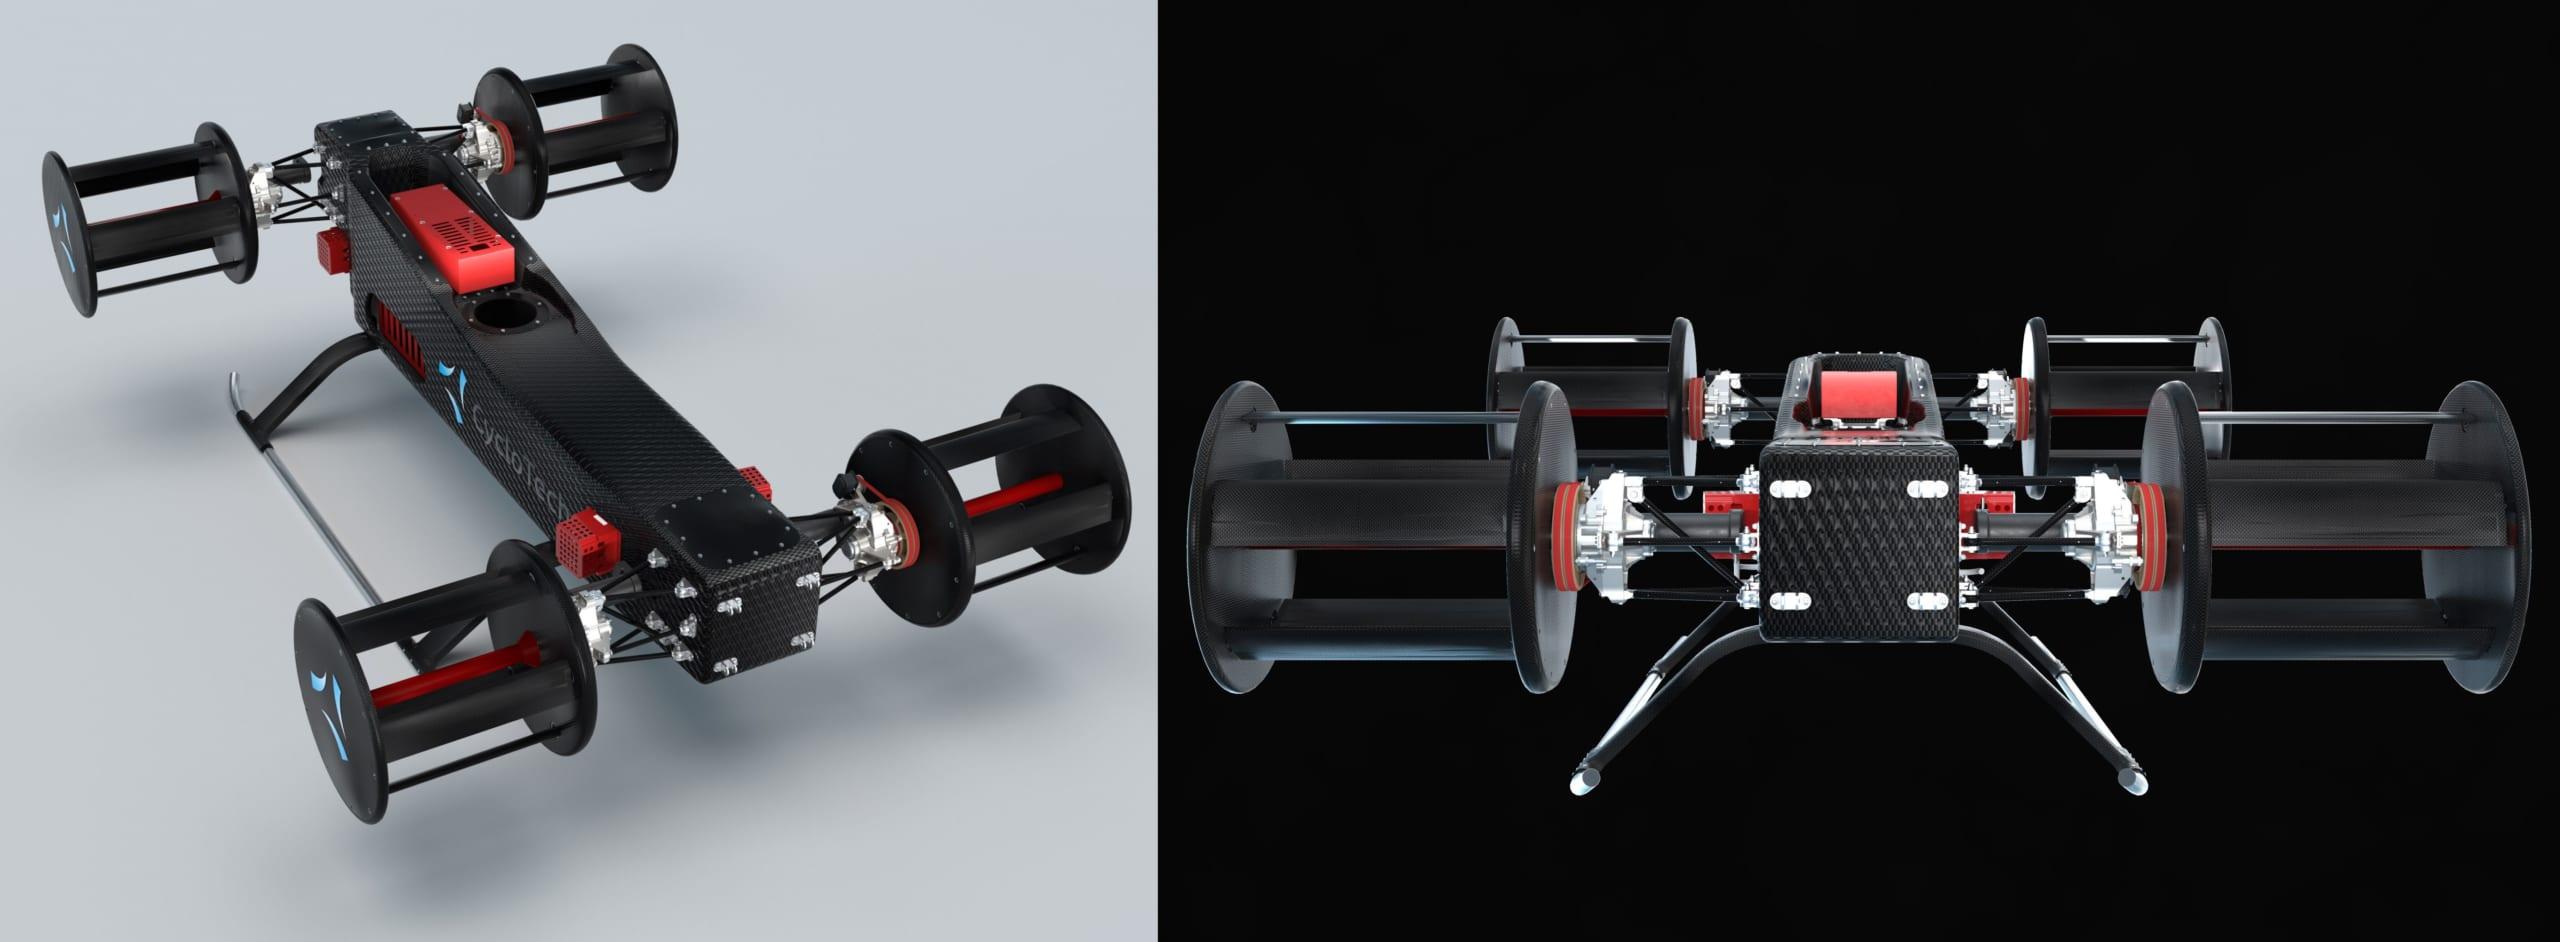 4つのサイクロジャイロを装備したデモンストレーター